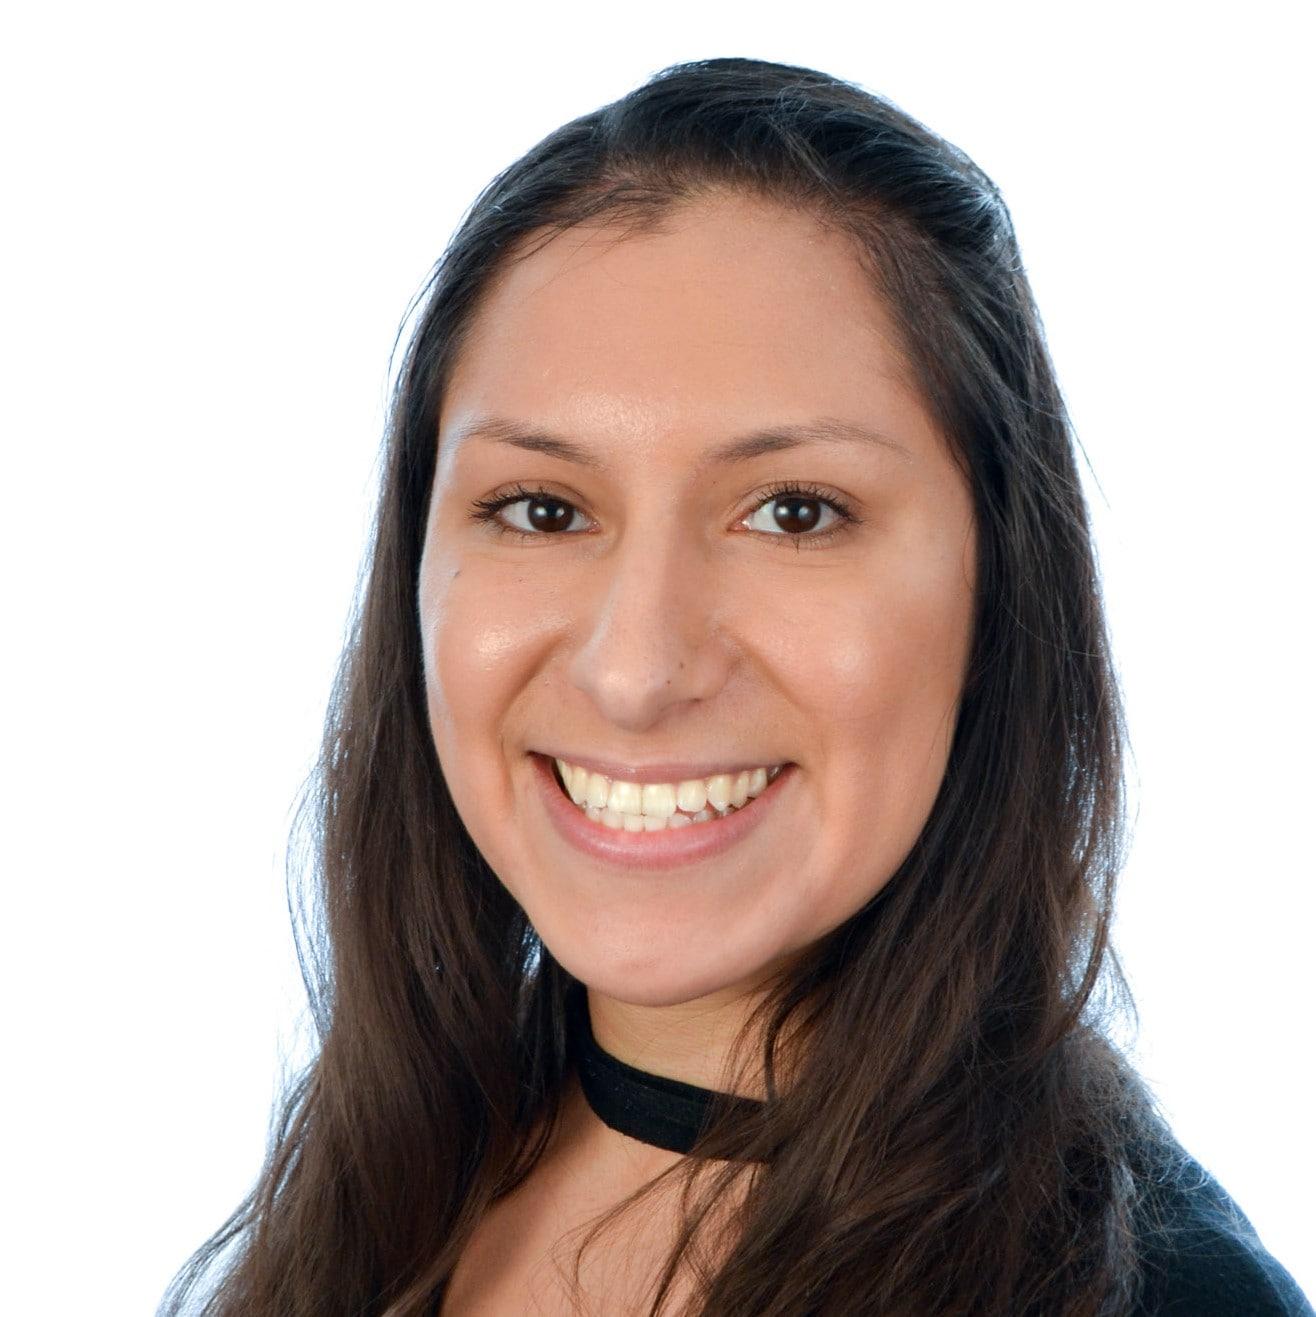 Shaina Larocque